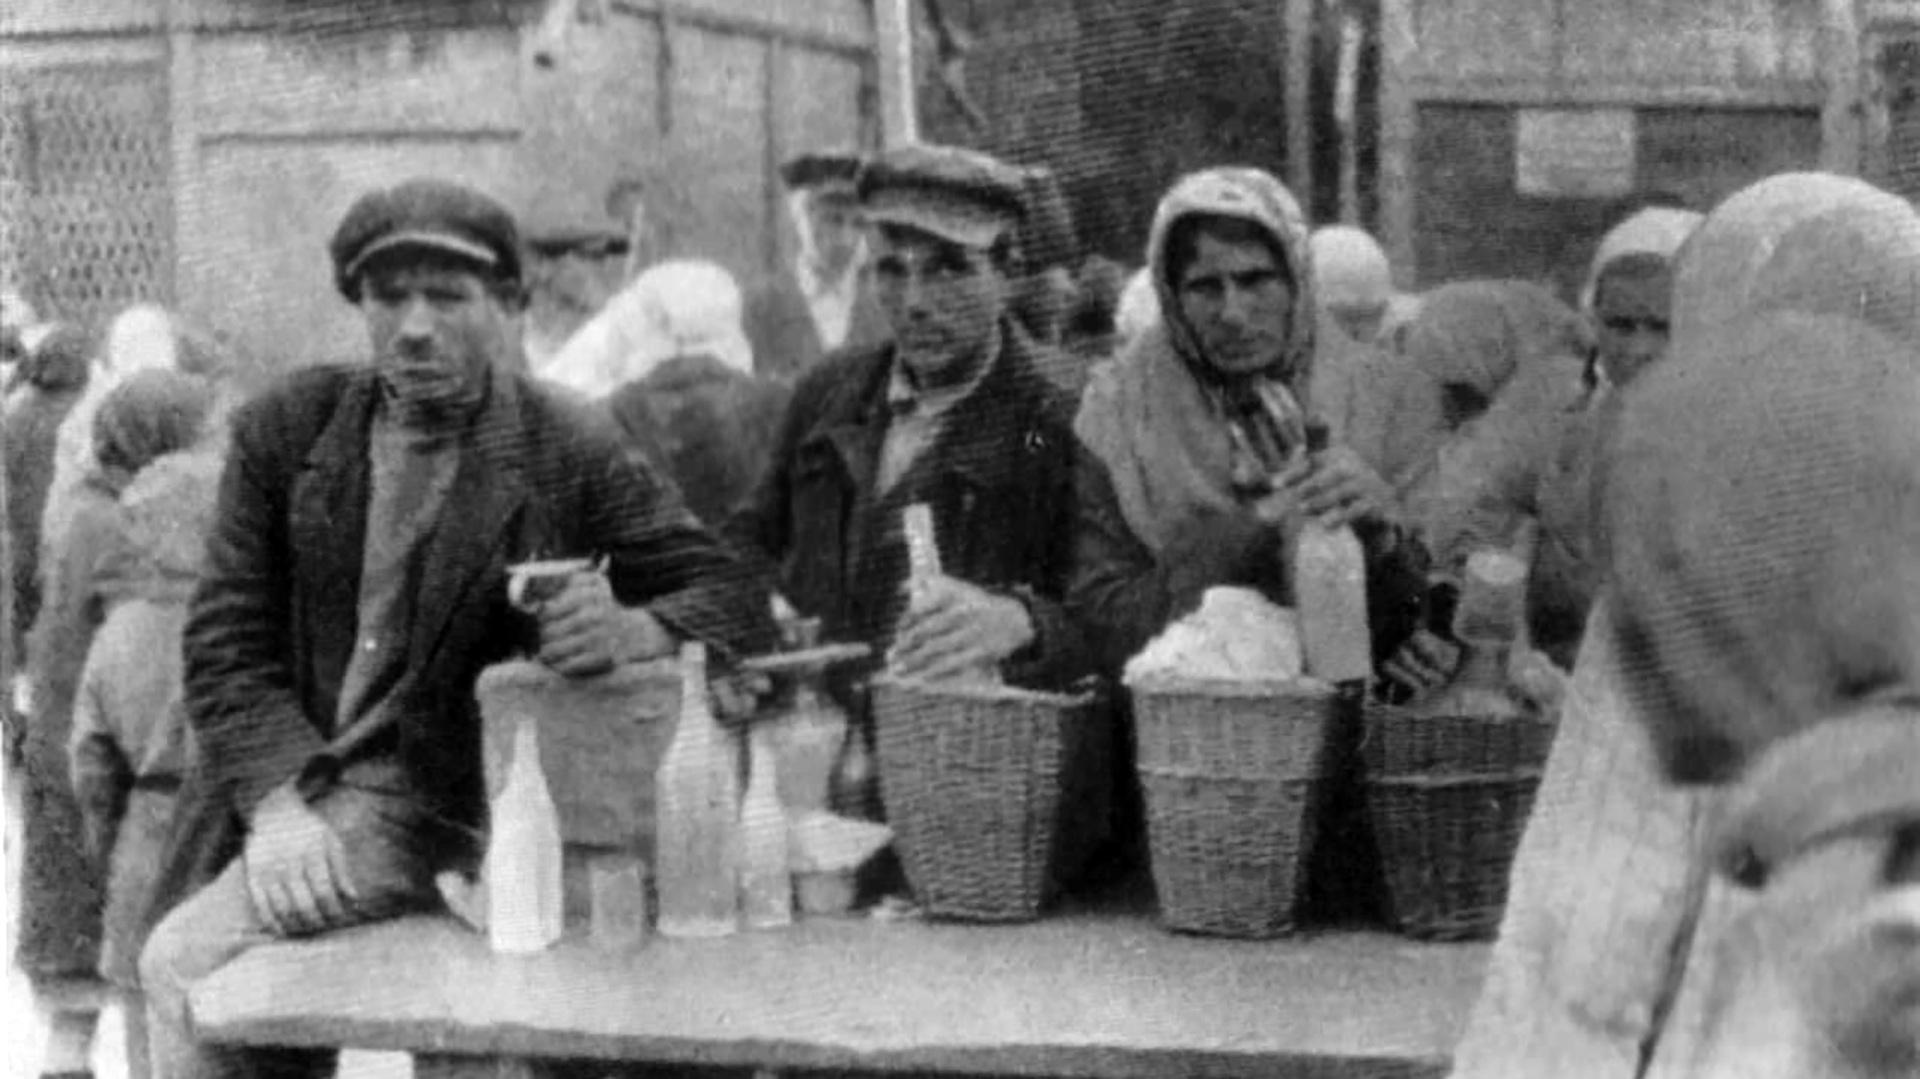 Durante años, el Holodomor fue motivo de silencio sepulcral, tanto por parte de la Unión Soviética como del resto de países